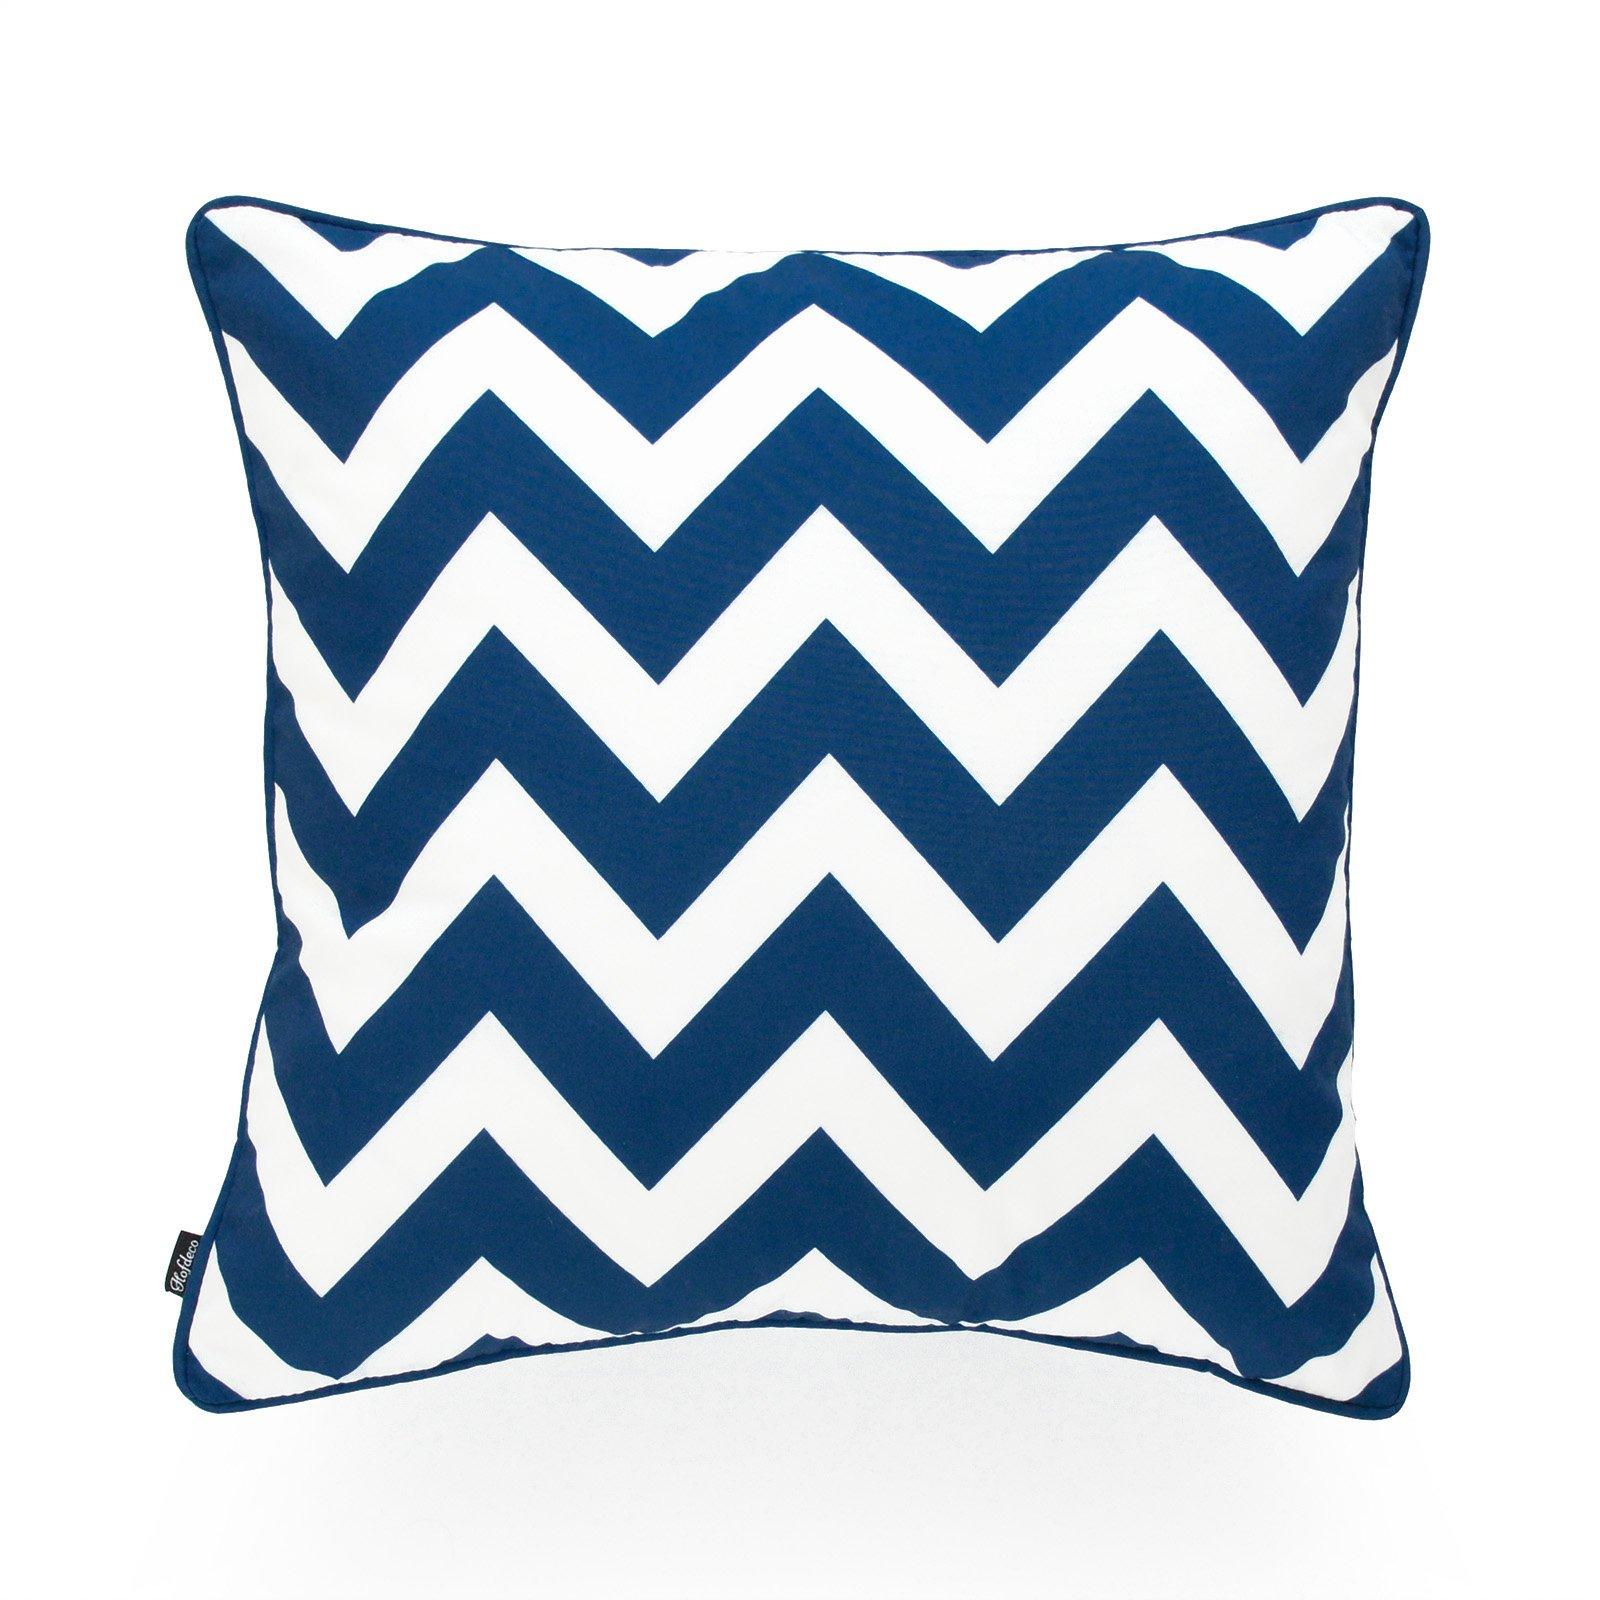 Hofdeco Decorative Throw Pillow Cover INDOOR OUTDOOR WATER RESISTANT Canvas Navy Blue Zigzag Chevron 18''x18''